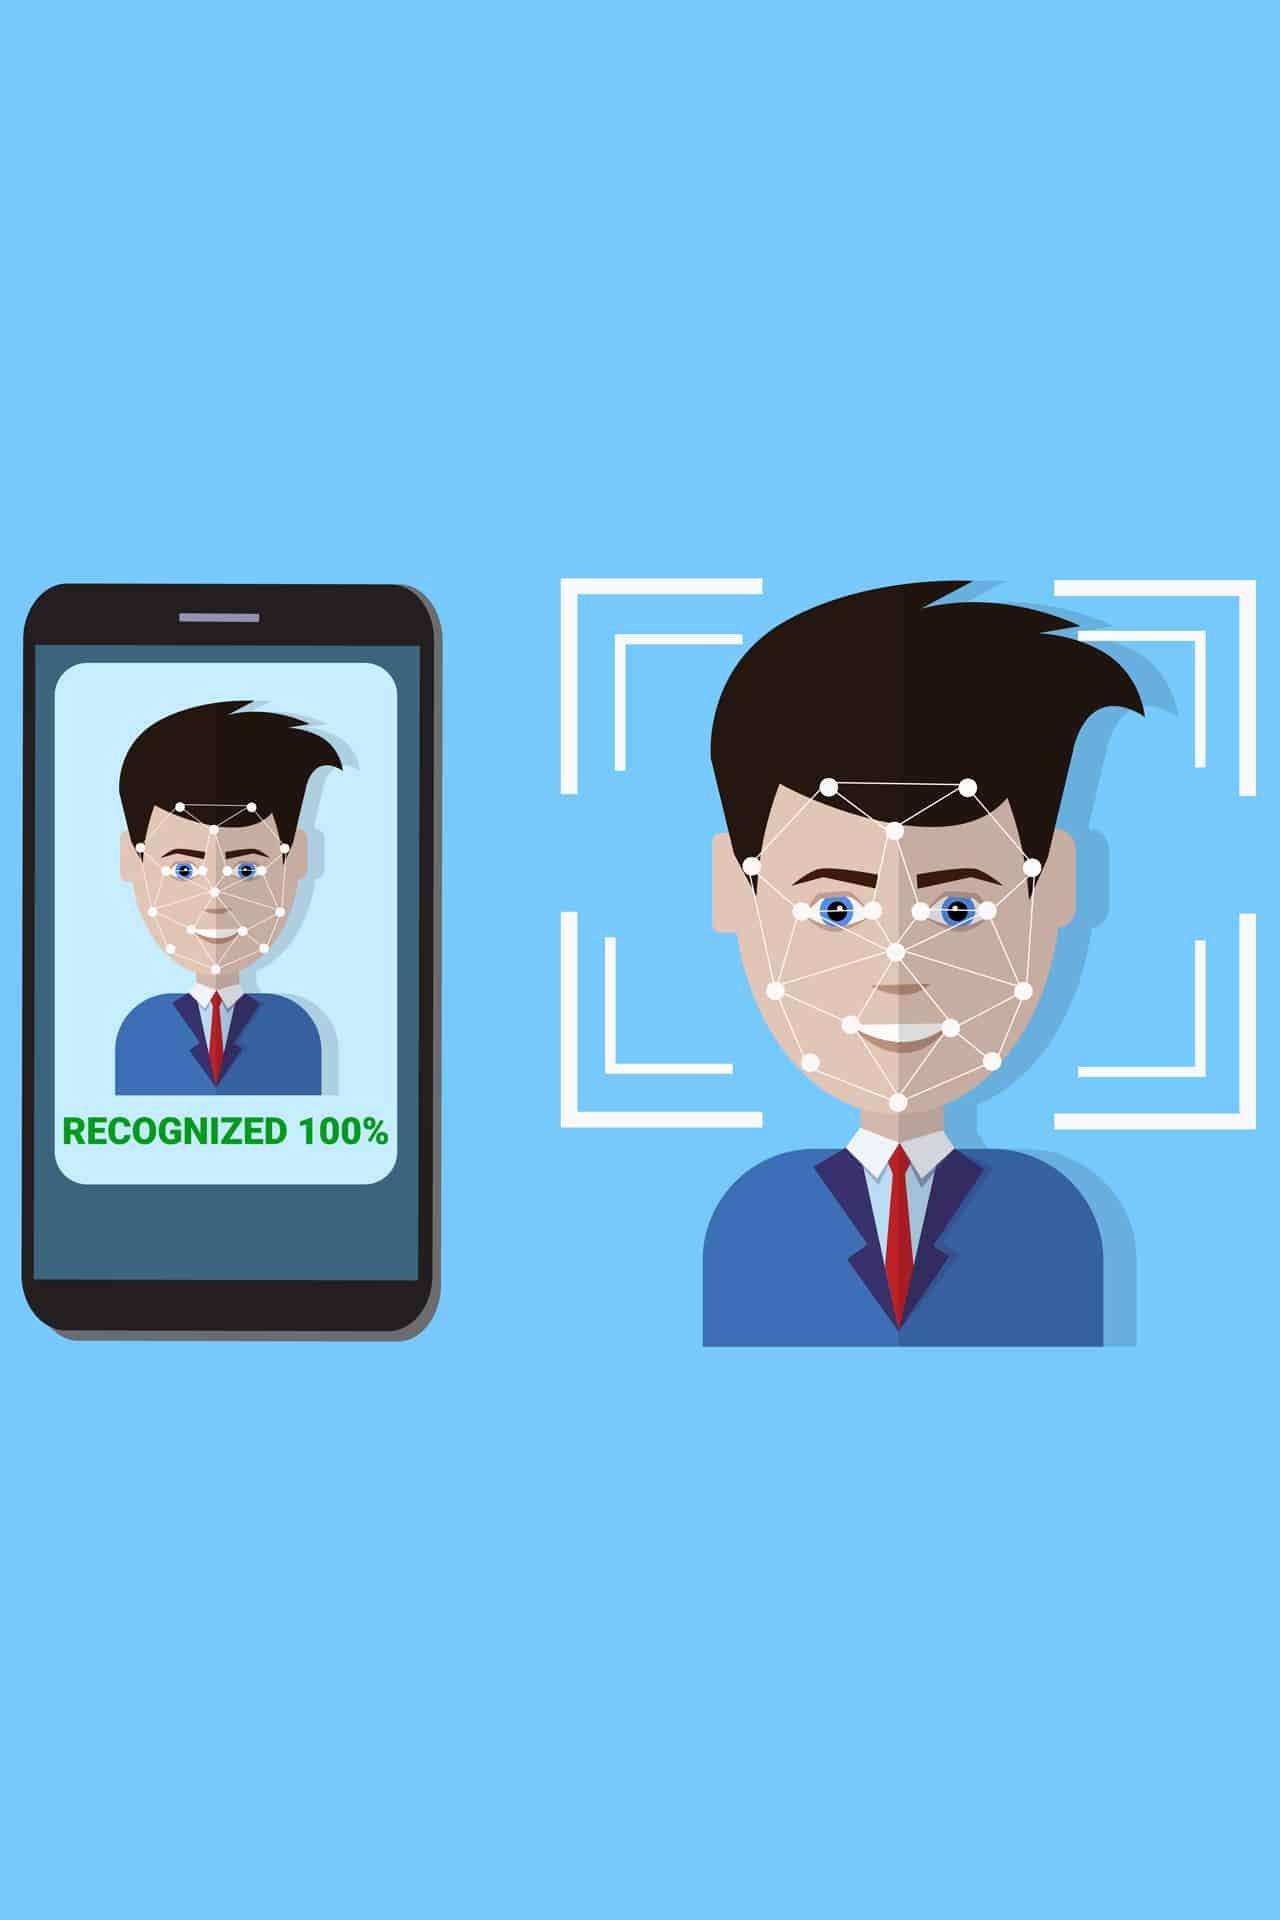 facebook riconscimento facciale